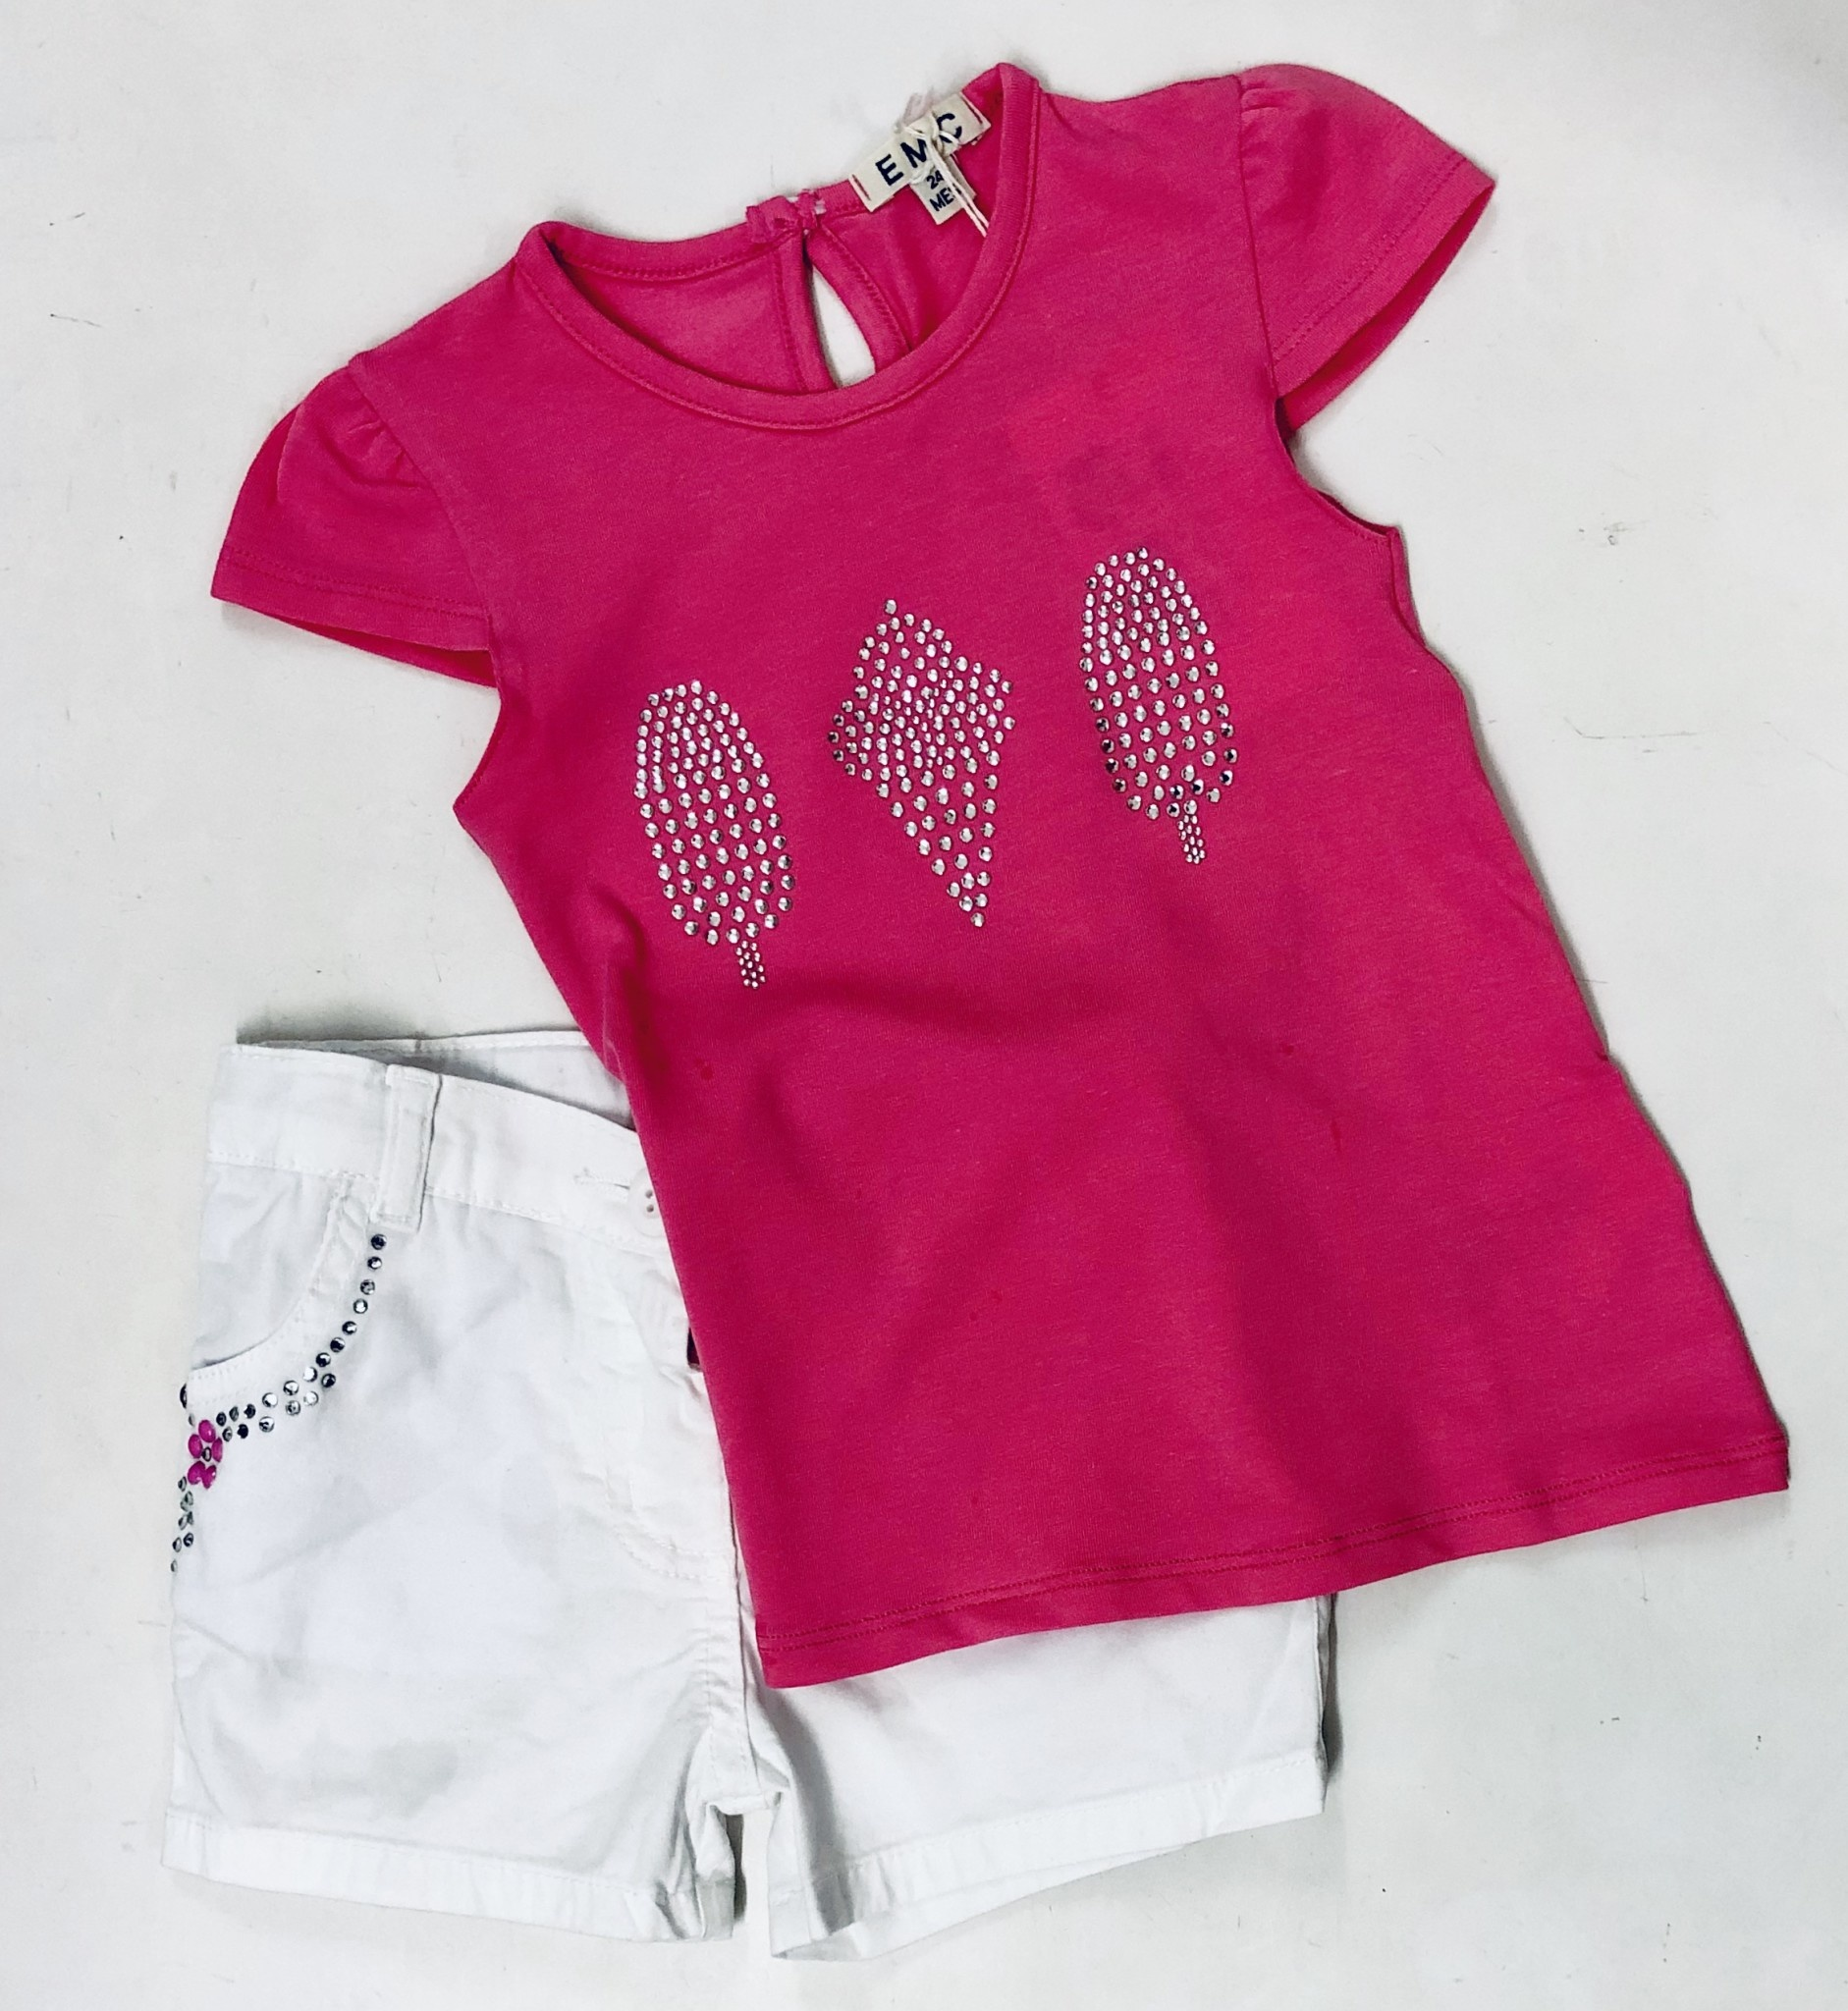 EMC EMC Pink Ice Cream Top & White Shorts Set